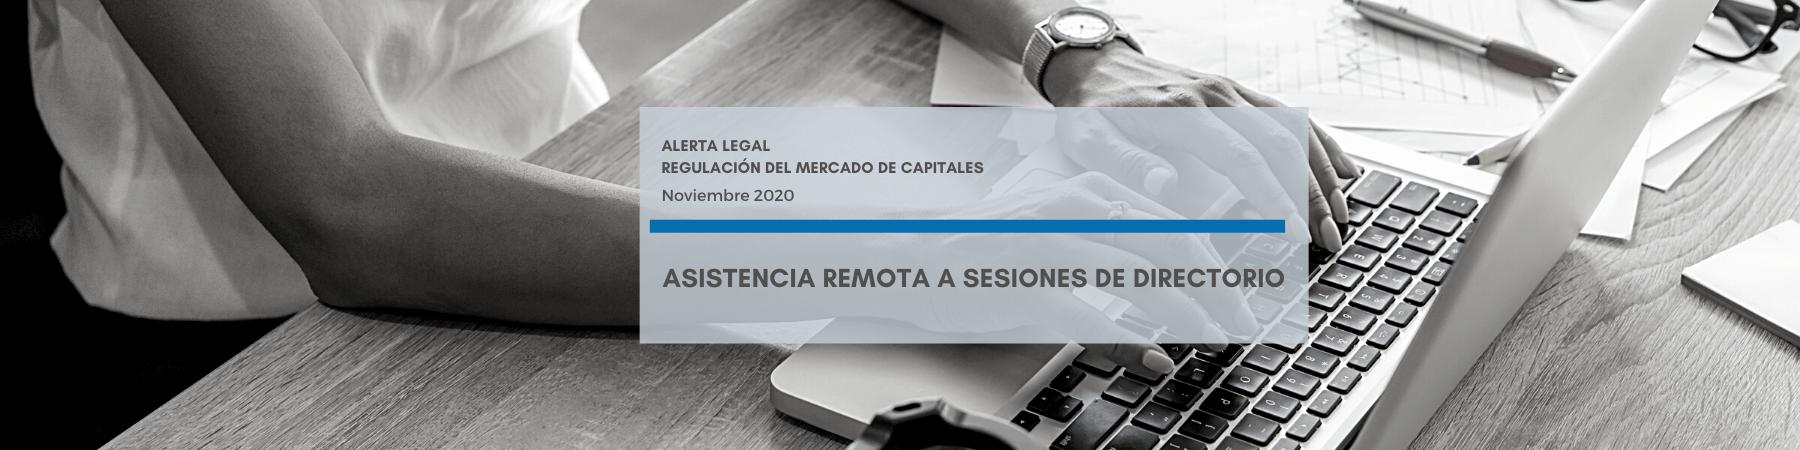 Alerta Legal M&B | Asistencia remota a sesiones de directorio